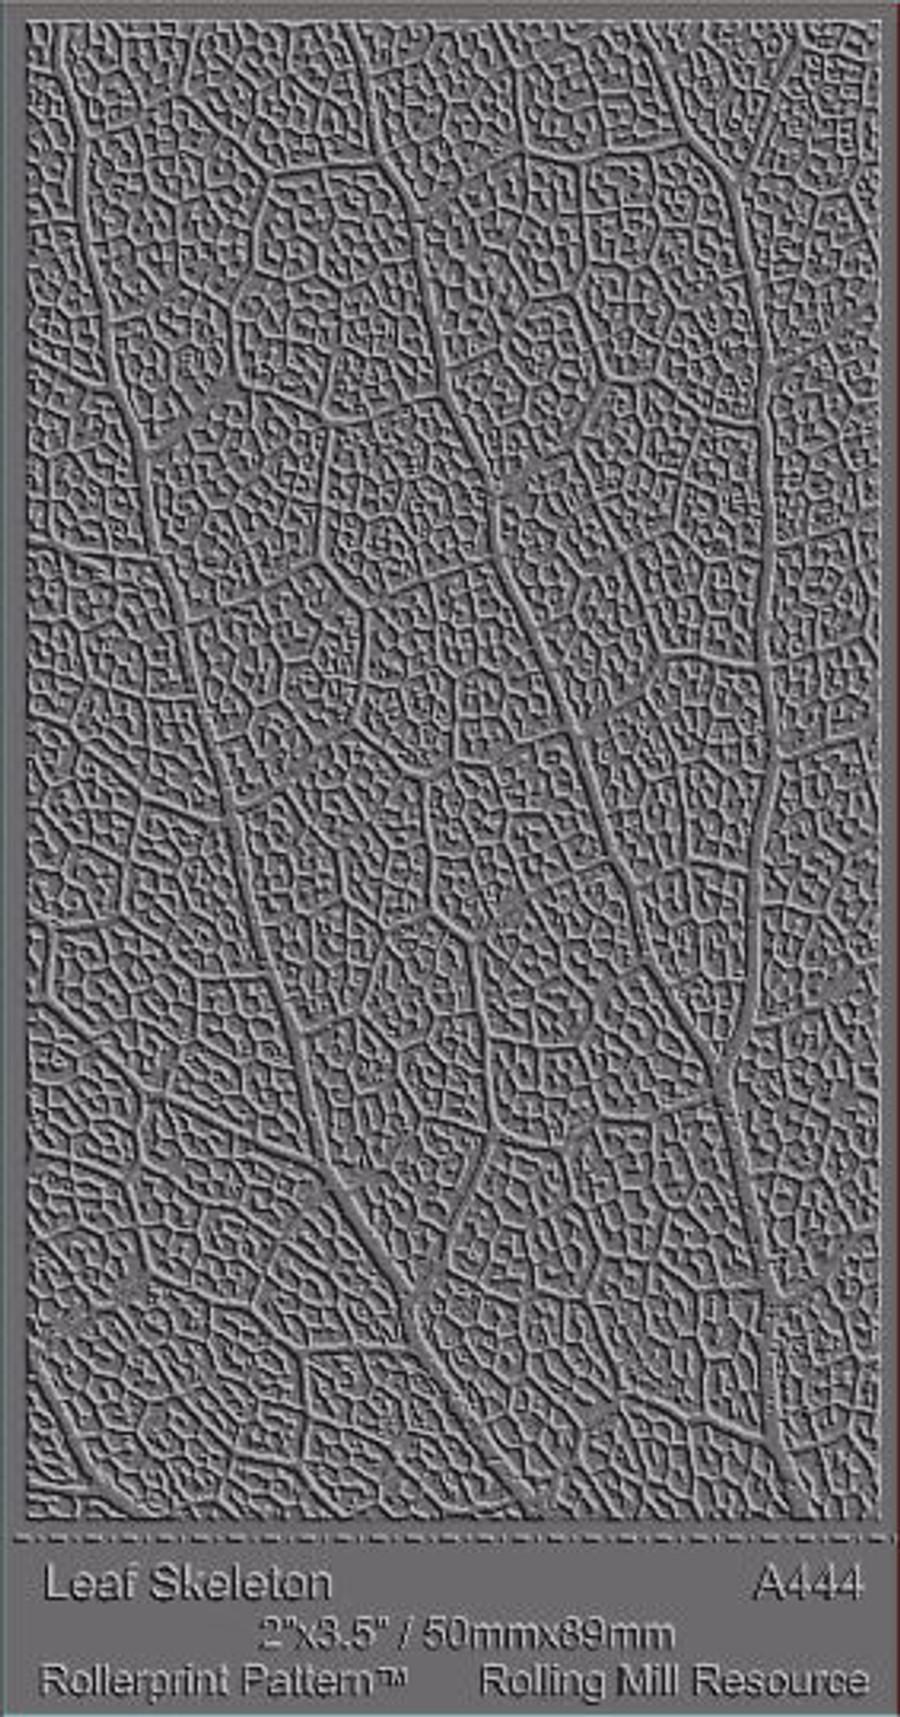 RMR Laser Texture Paper - Leaf Skeleton - 50 x 89mm